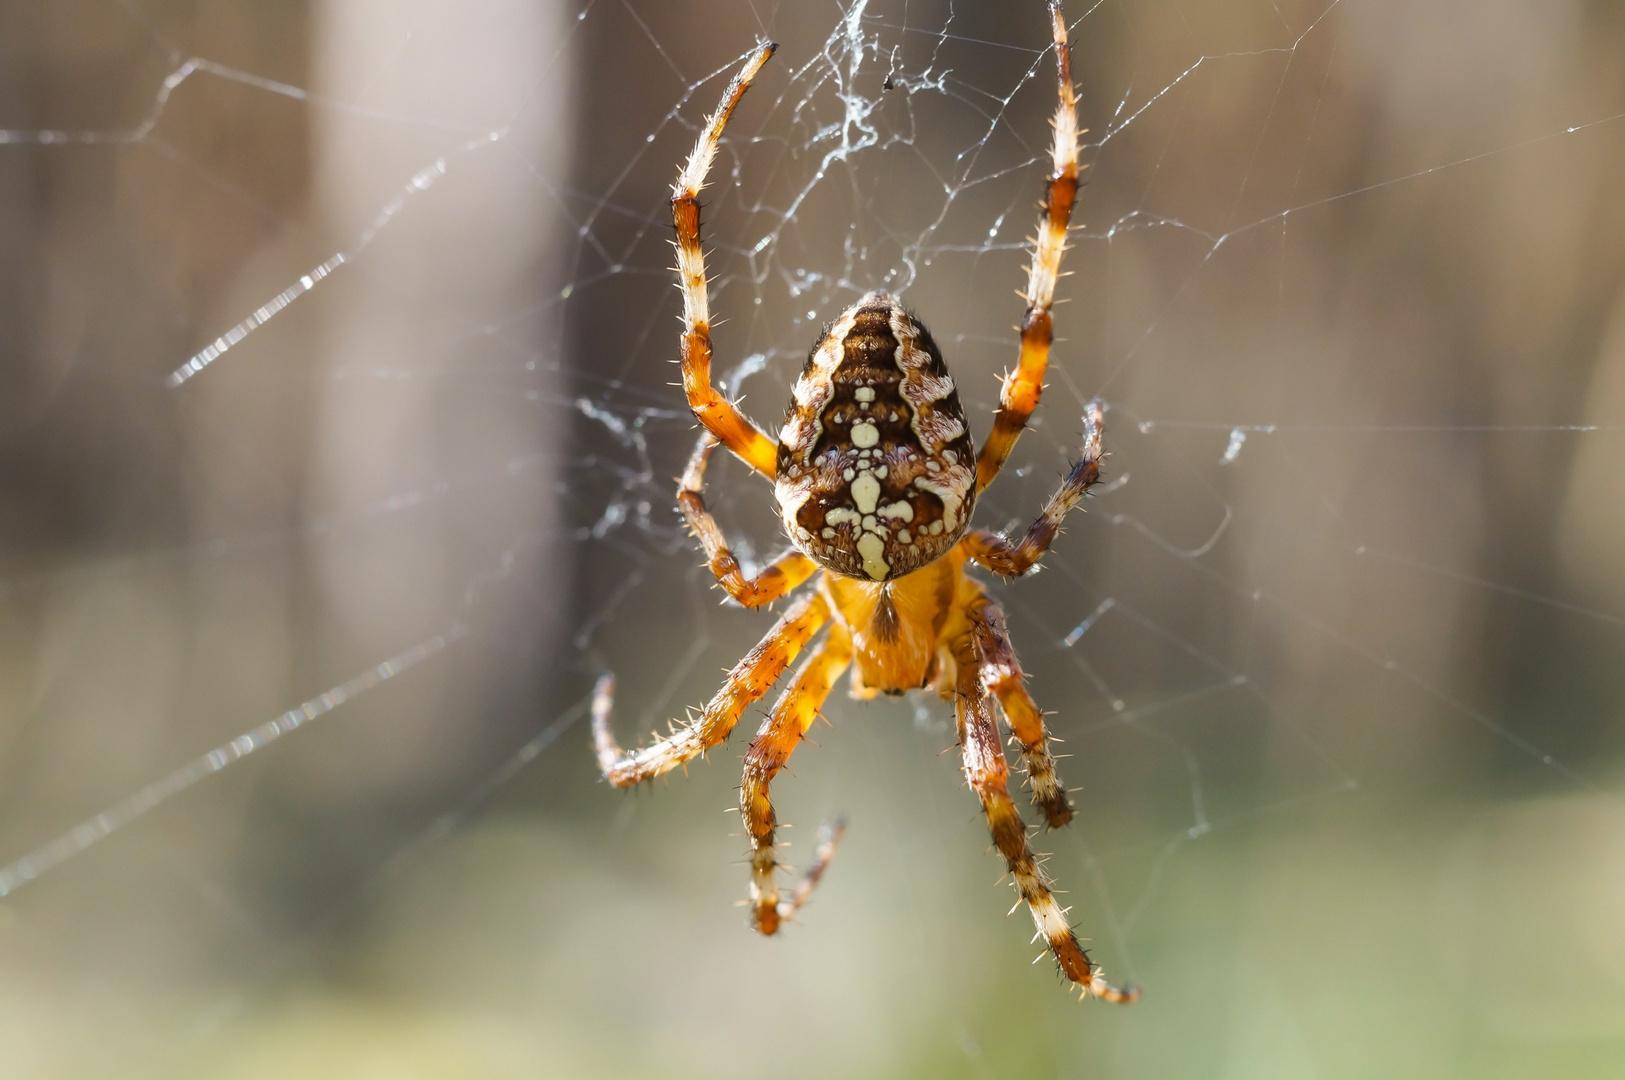 Wer hat Angst vor Spinnen?